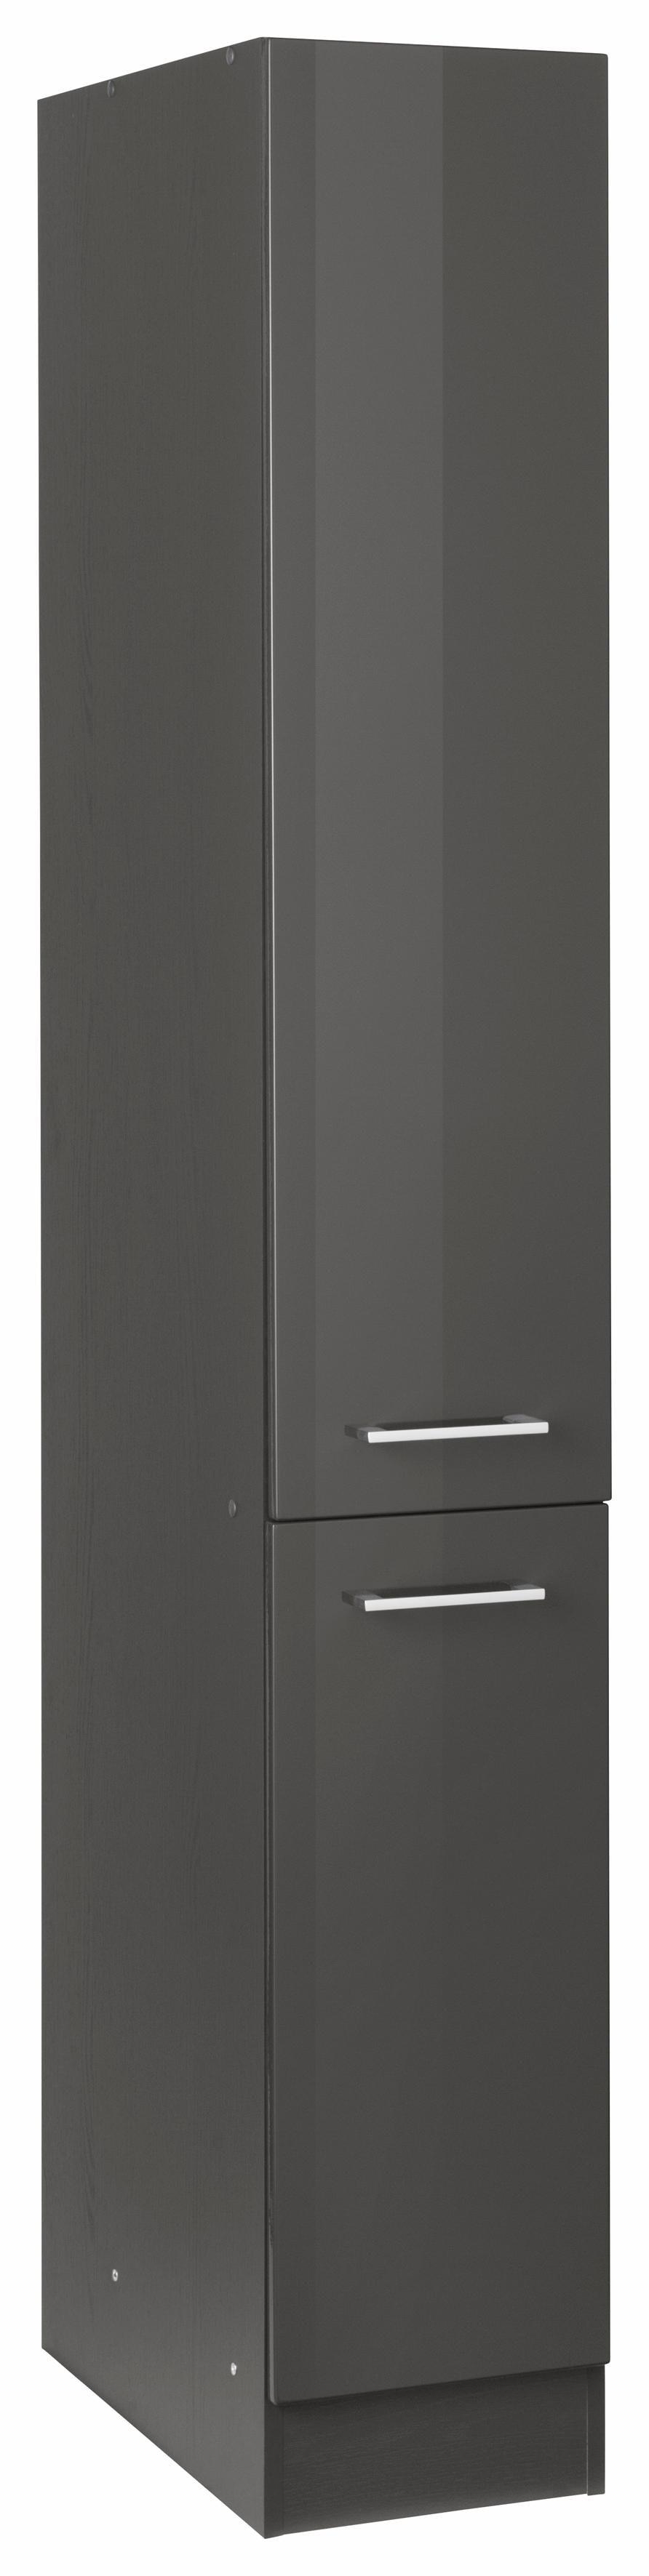 HELD MÖBEL Apothekerschrank Utah | Küche und Esszimmer > Küchenschränke > Apothekerschränke | Grau | Eiche | Held Möbel